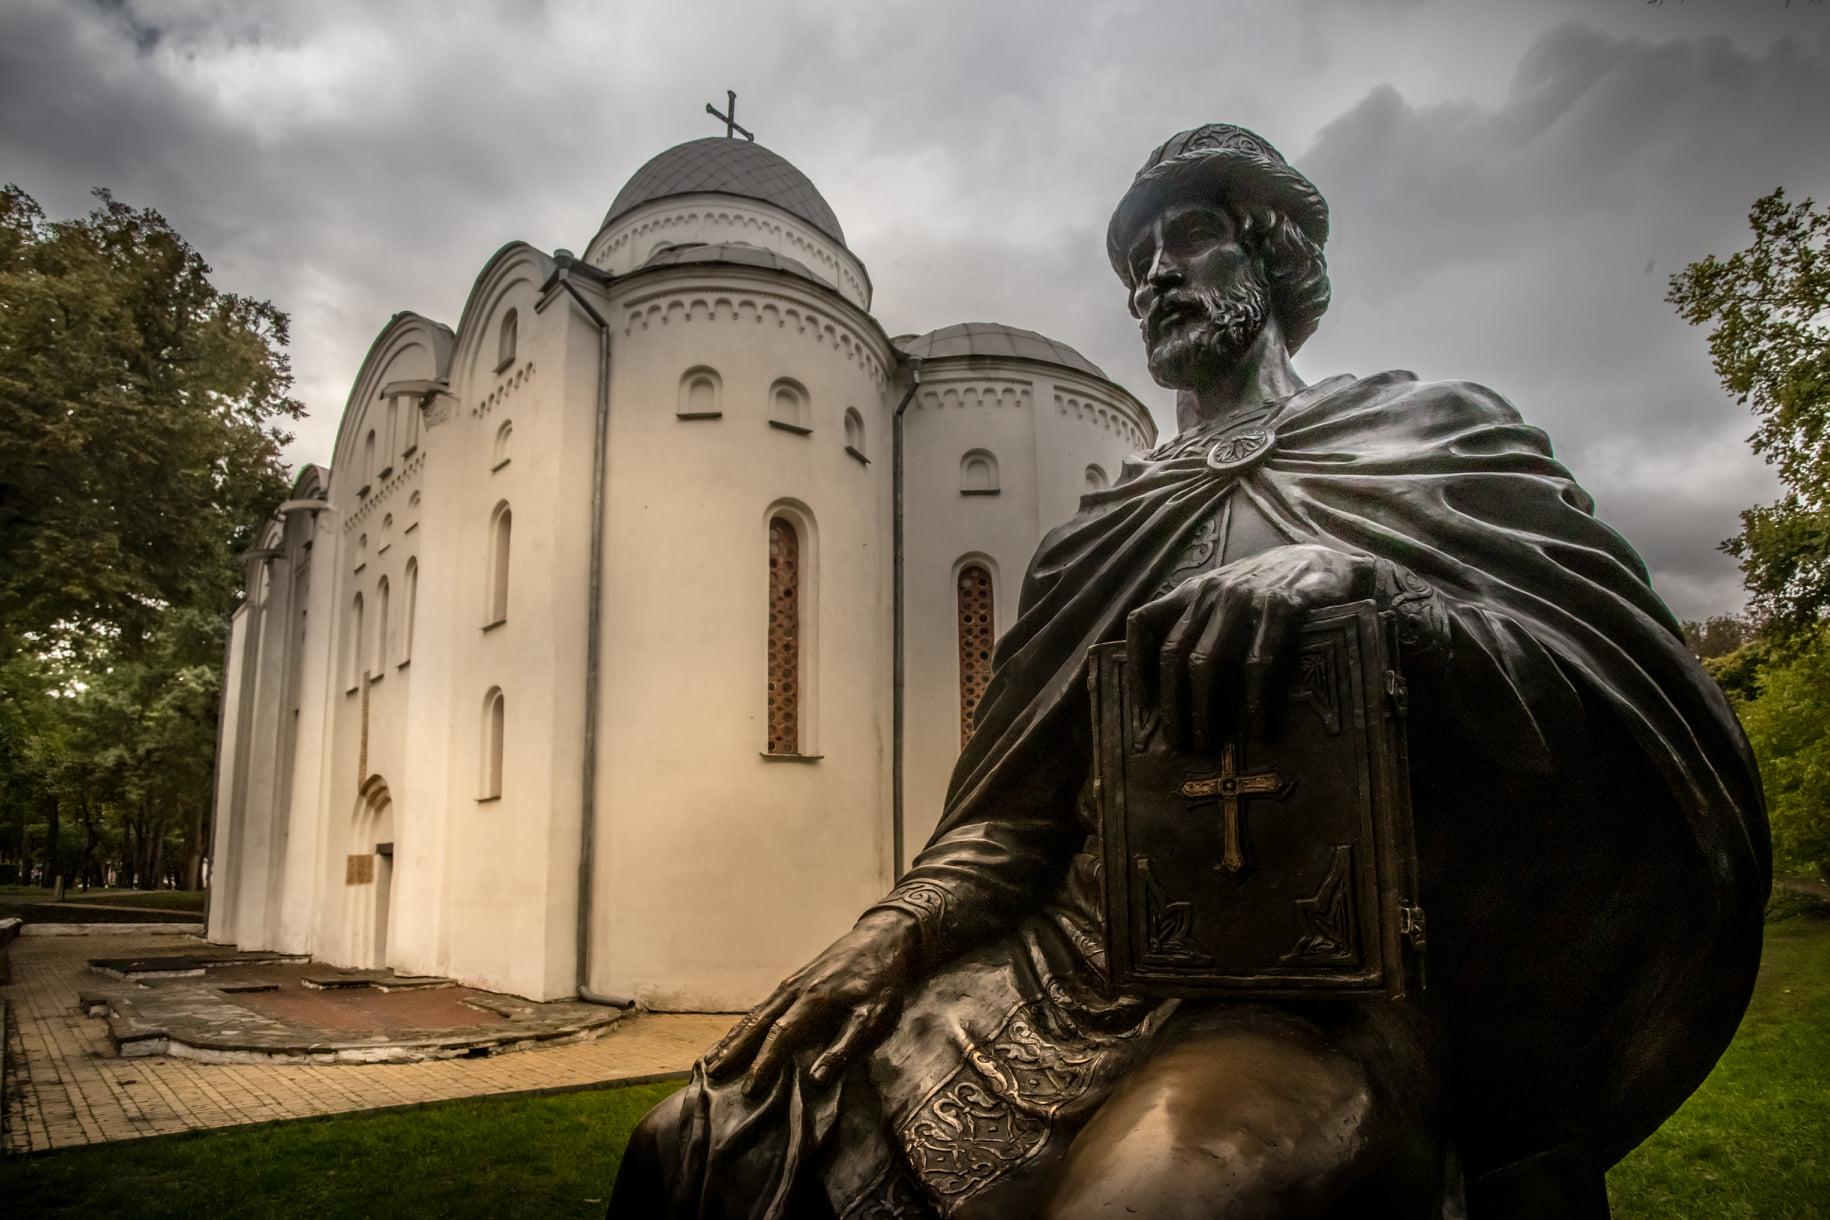 Третій місяць поспіль: «Чернігів Стародавній» знову встановив рекорд за кількістю відвідувачів